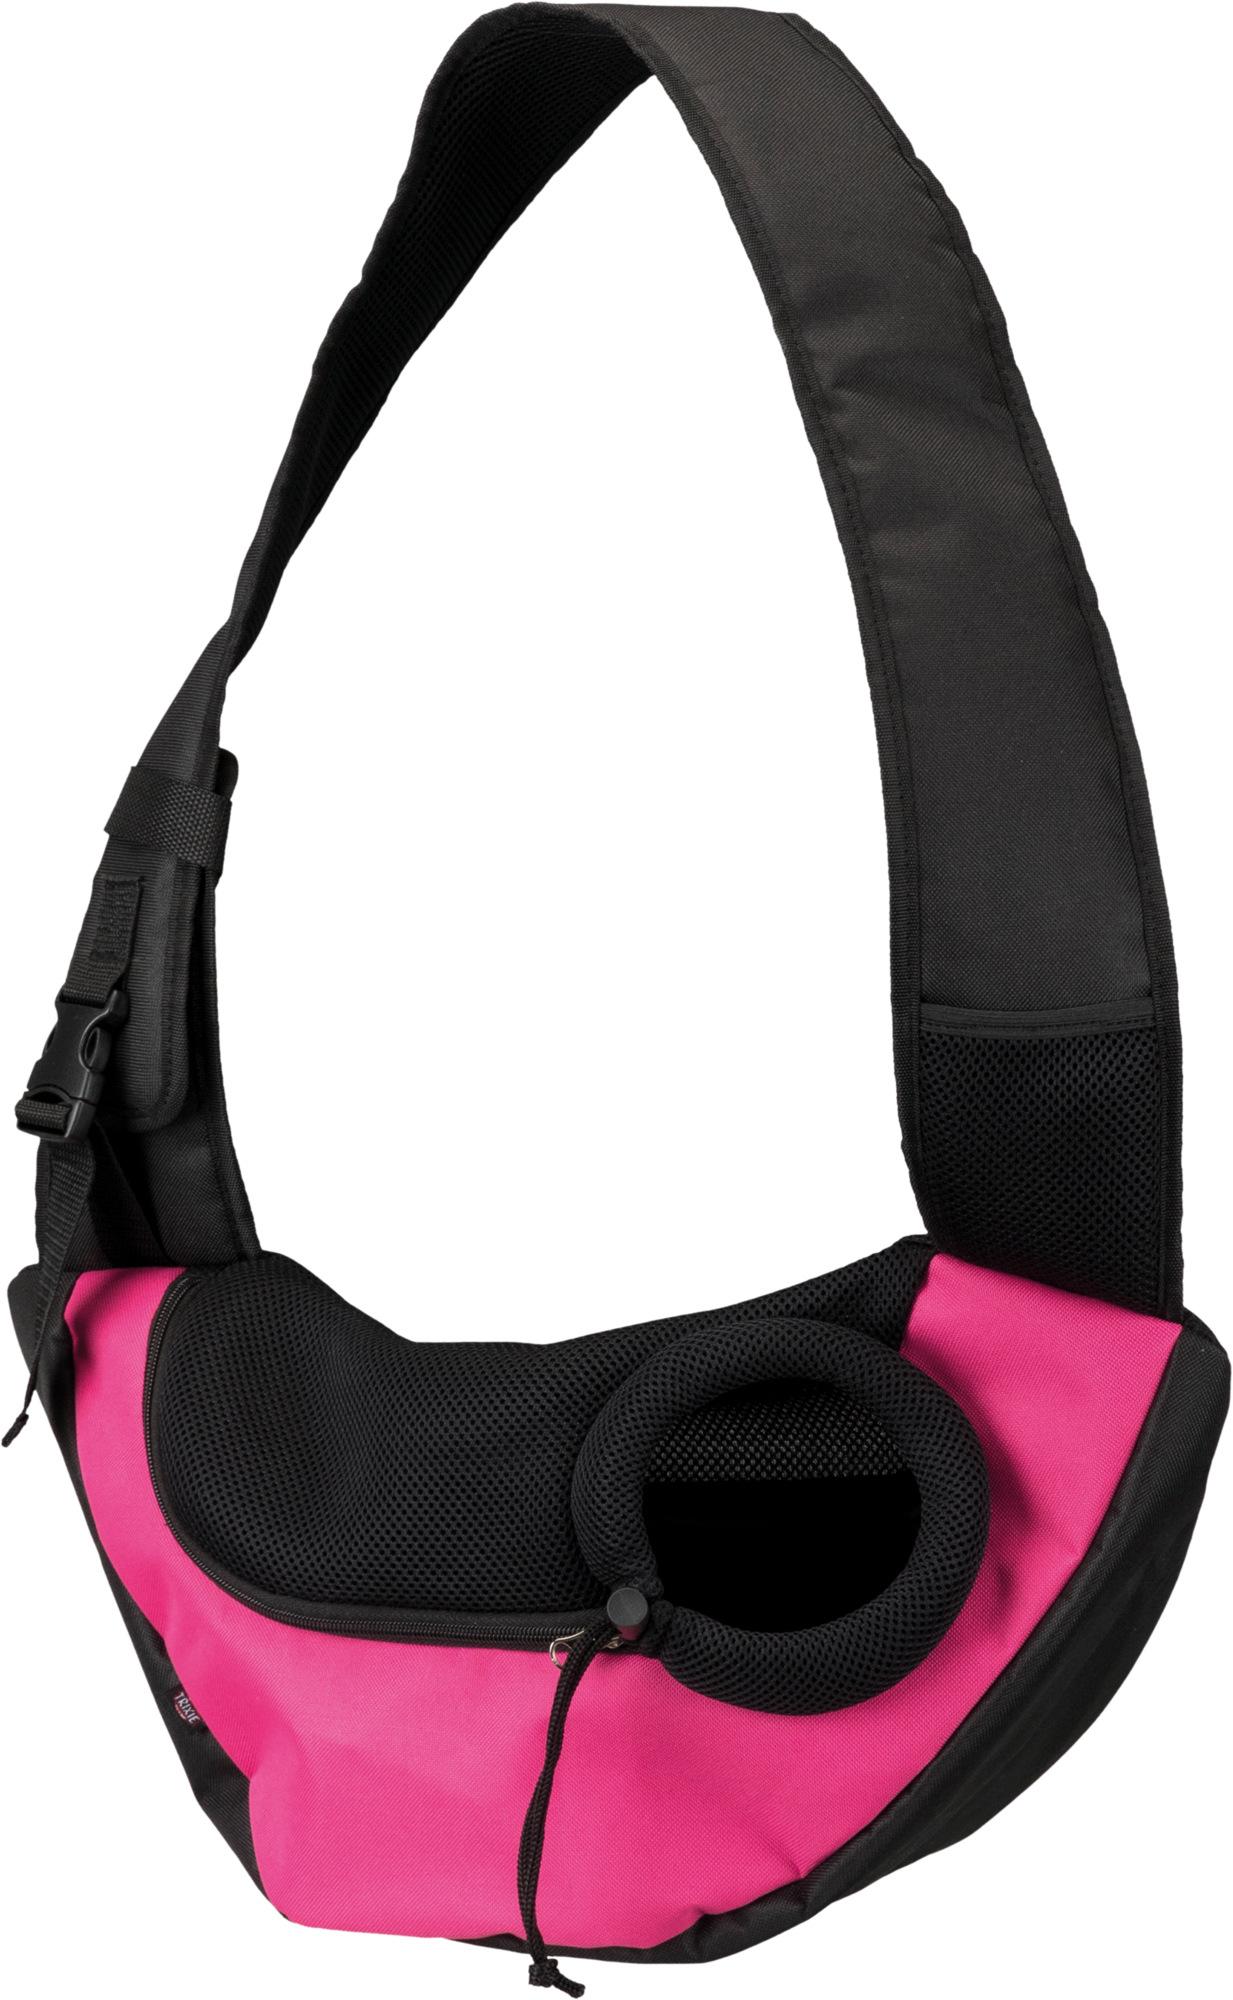 TRIXIE Fronttasche Sling TRIXIE Fronttasche Sling, 50 × 25 × 18 cm, pink/schwarz